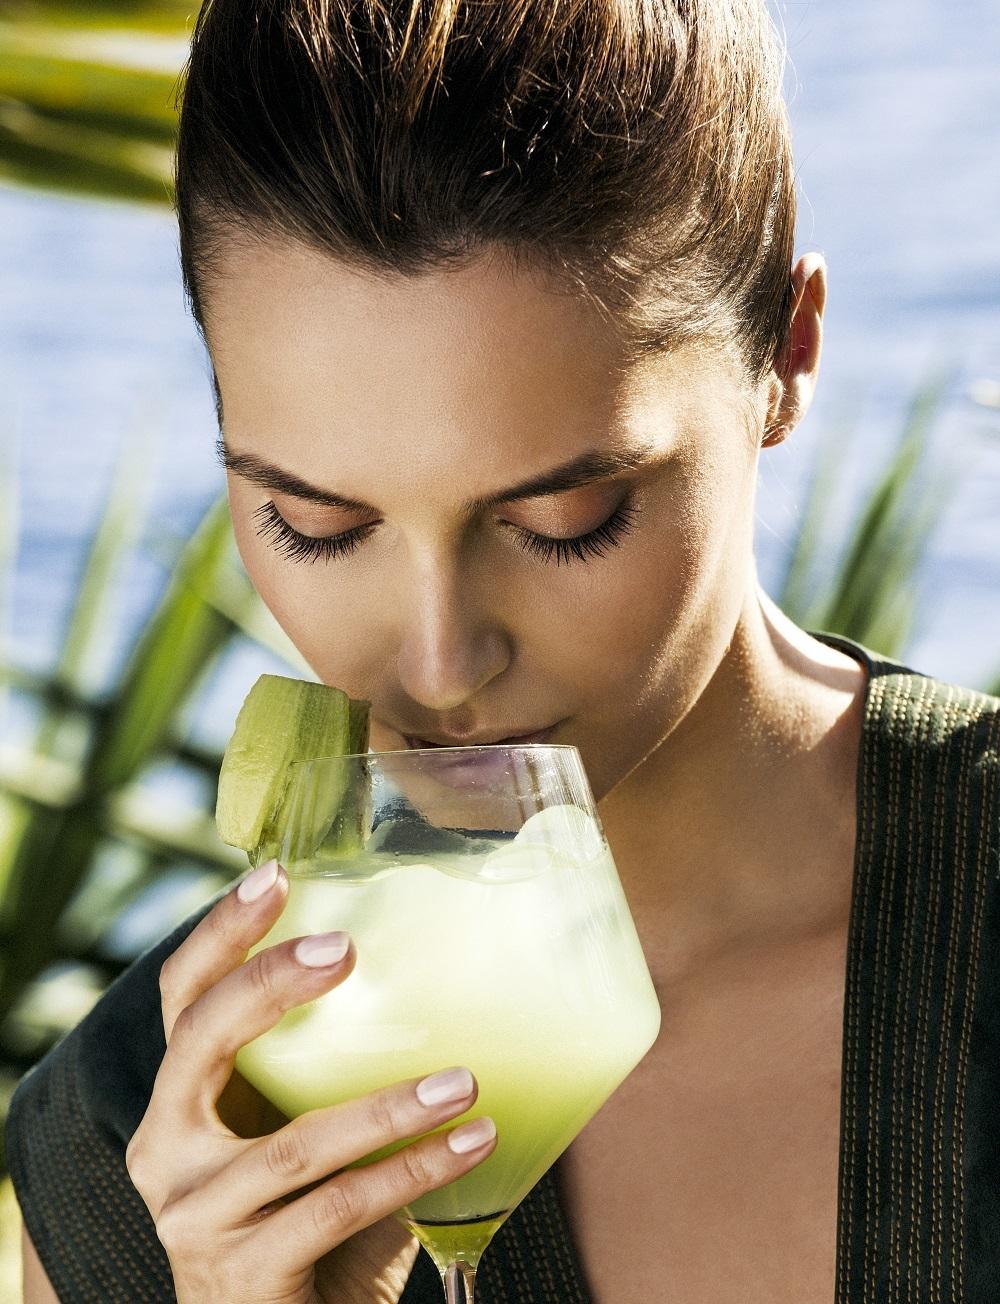 Los smoothies son una fuente de vitaminas y por tanto salud.